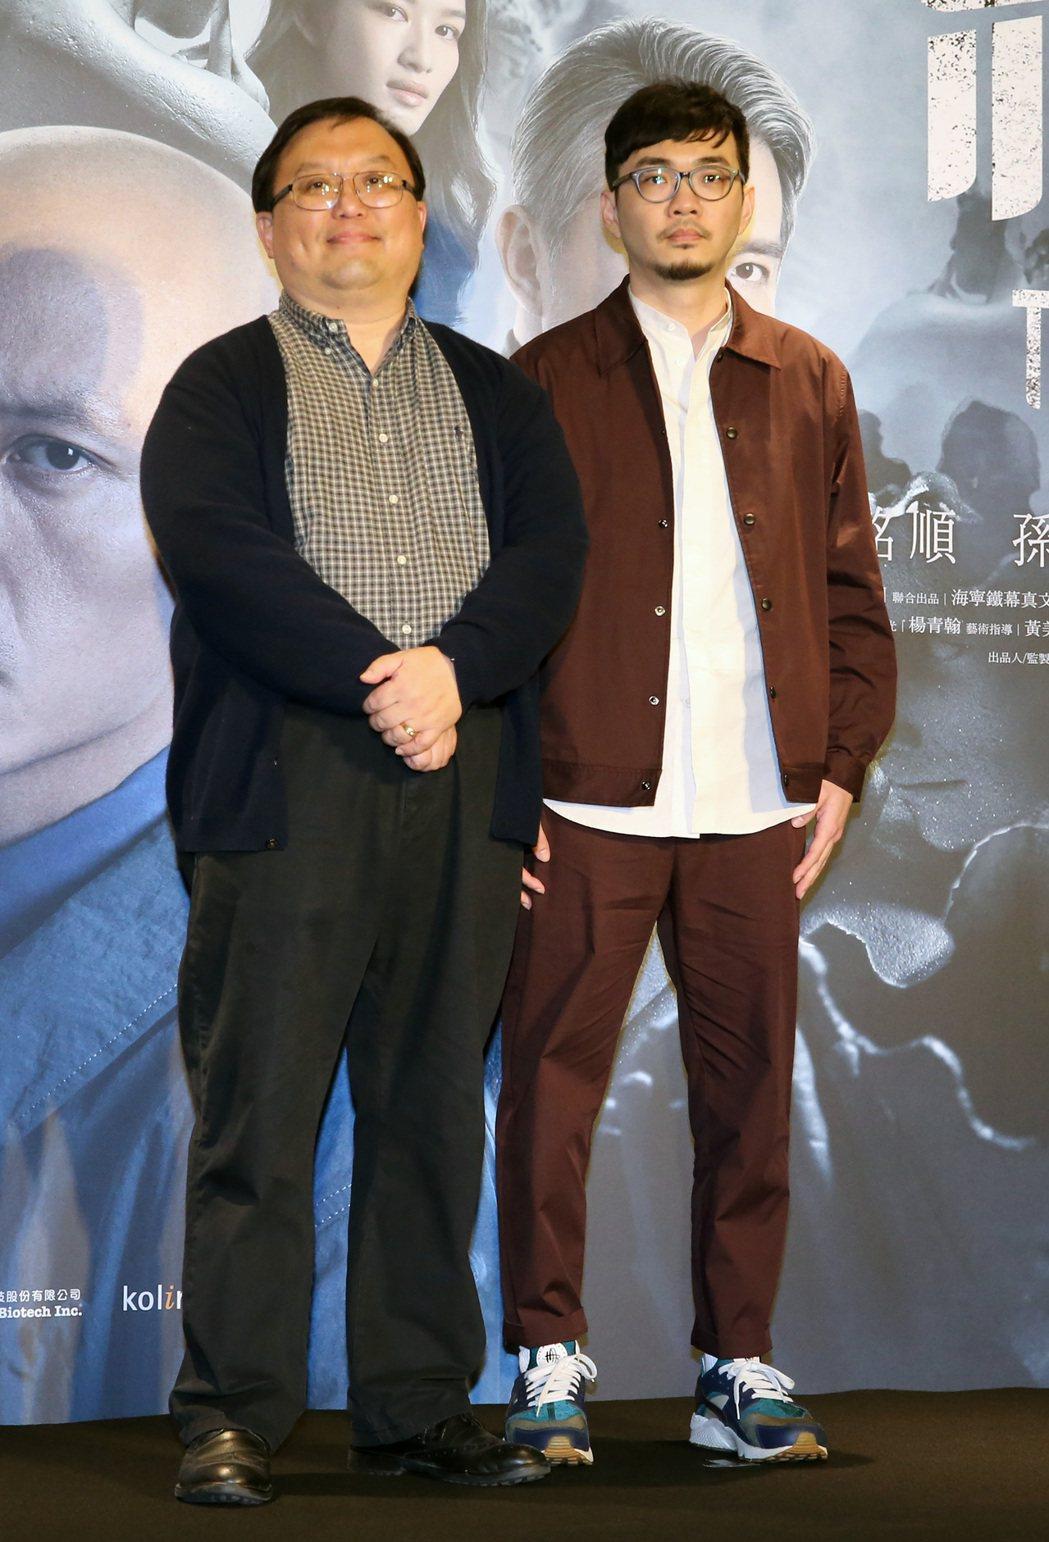 電影「緝魂」首映會,監製唐在揚(左)、導演程偉豪(右)出席電影「緝魂」首映會,正...